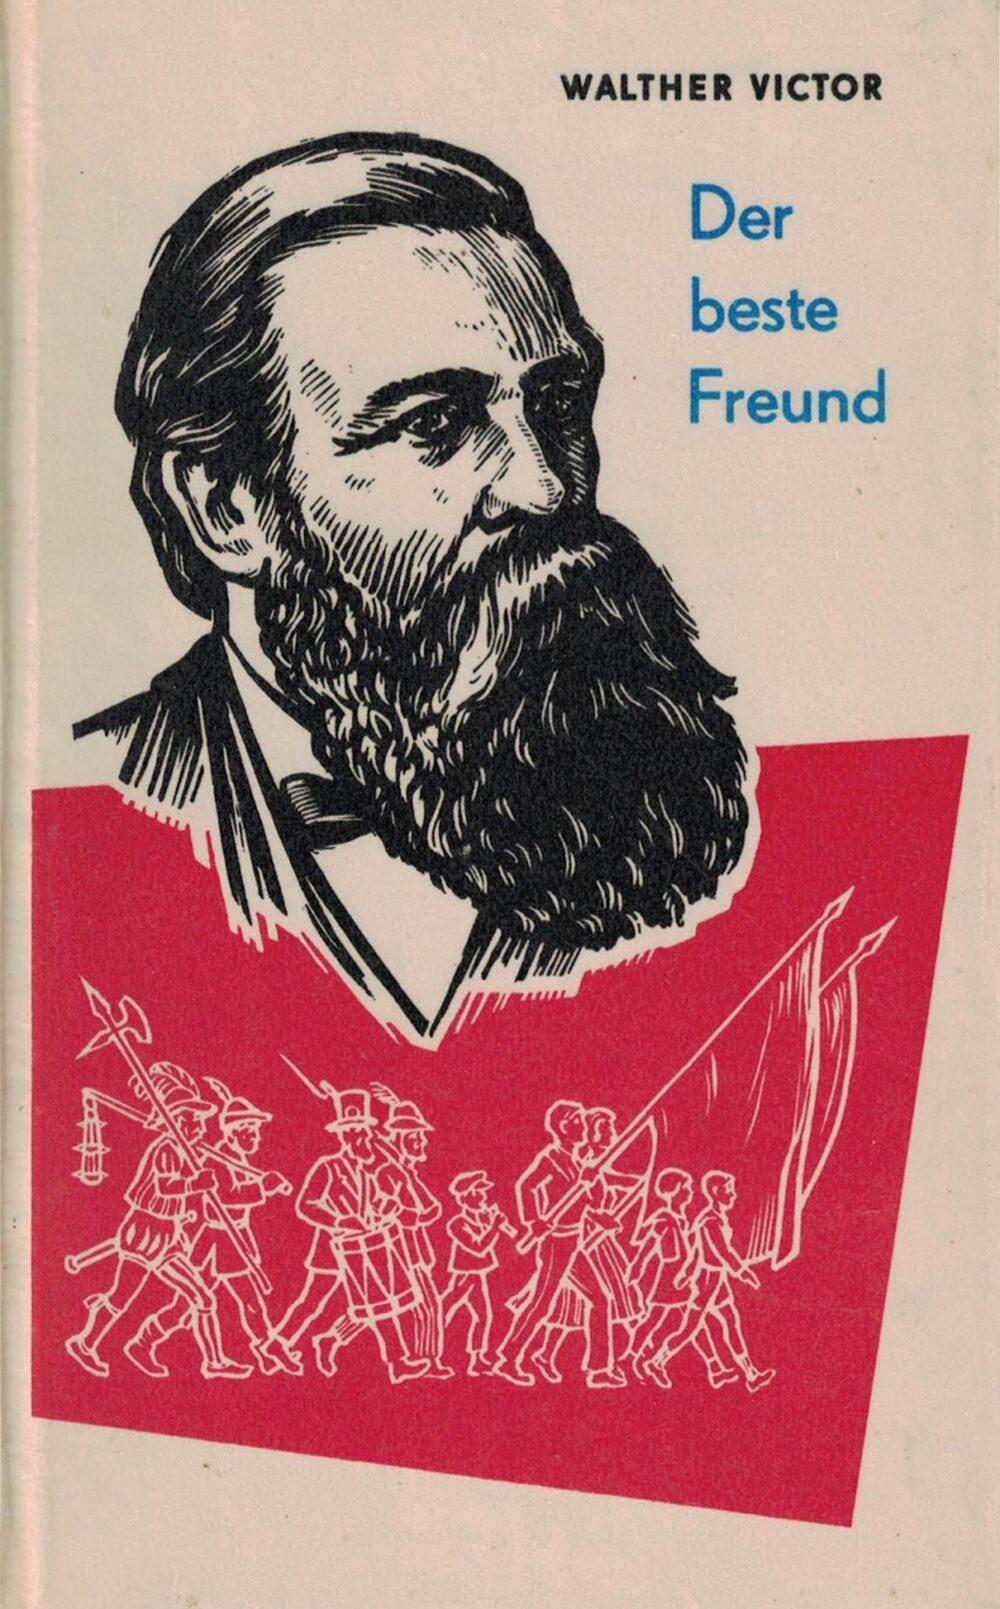 Walther Victor - Der beste Freund